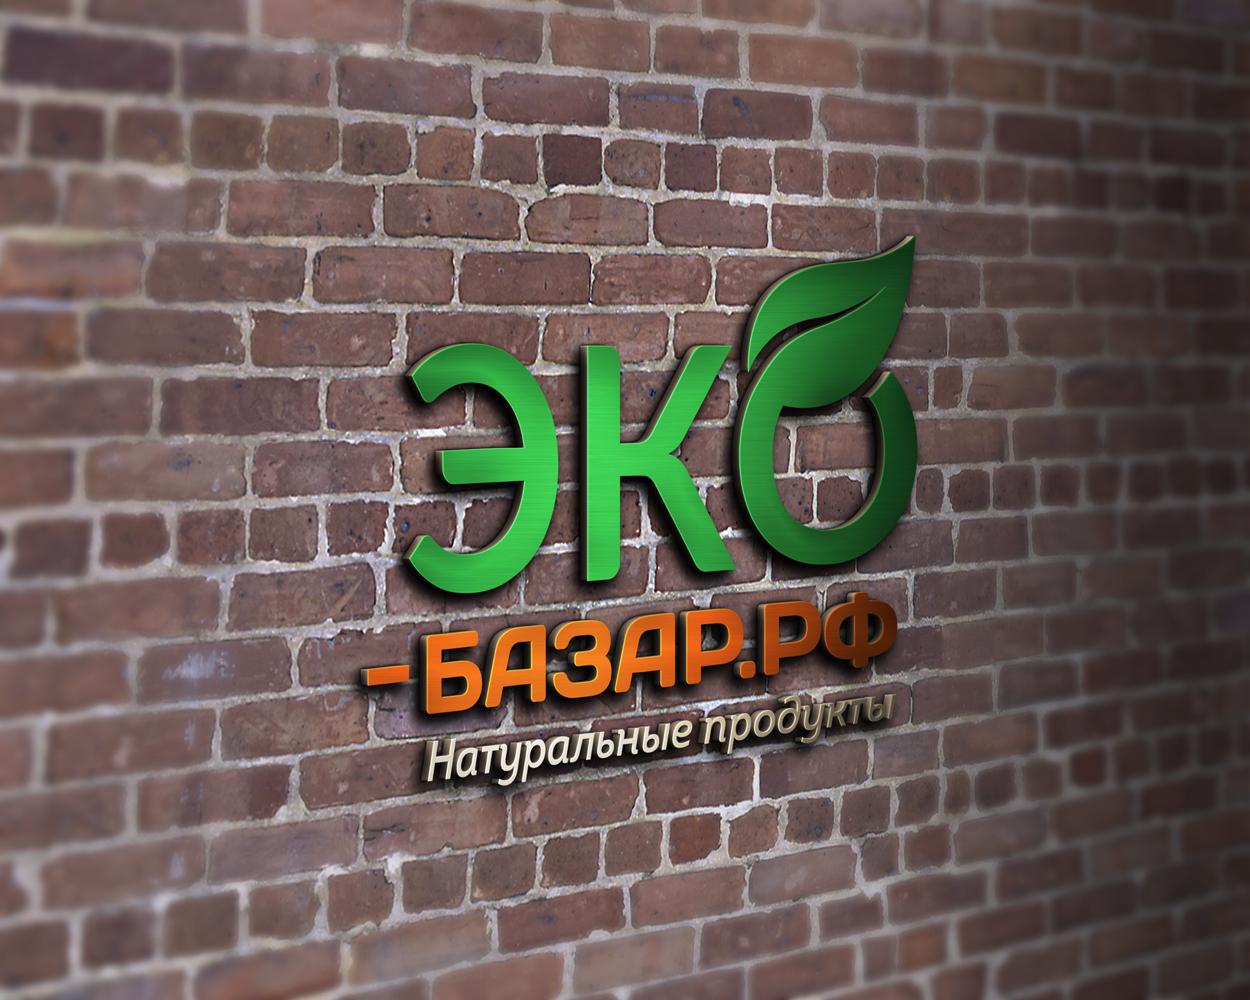 Логотип компании натуральных (фермерских) продуктов фото f_121593fe7c289014.jpg